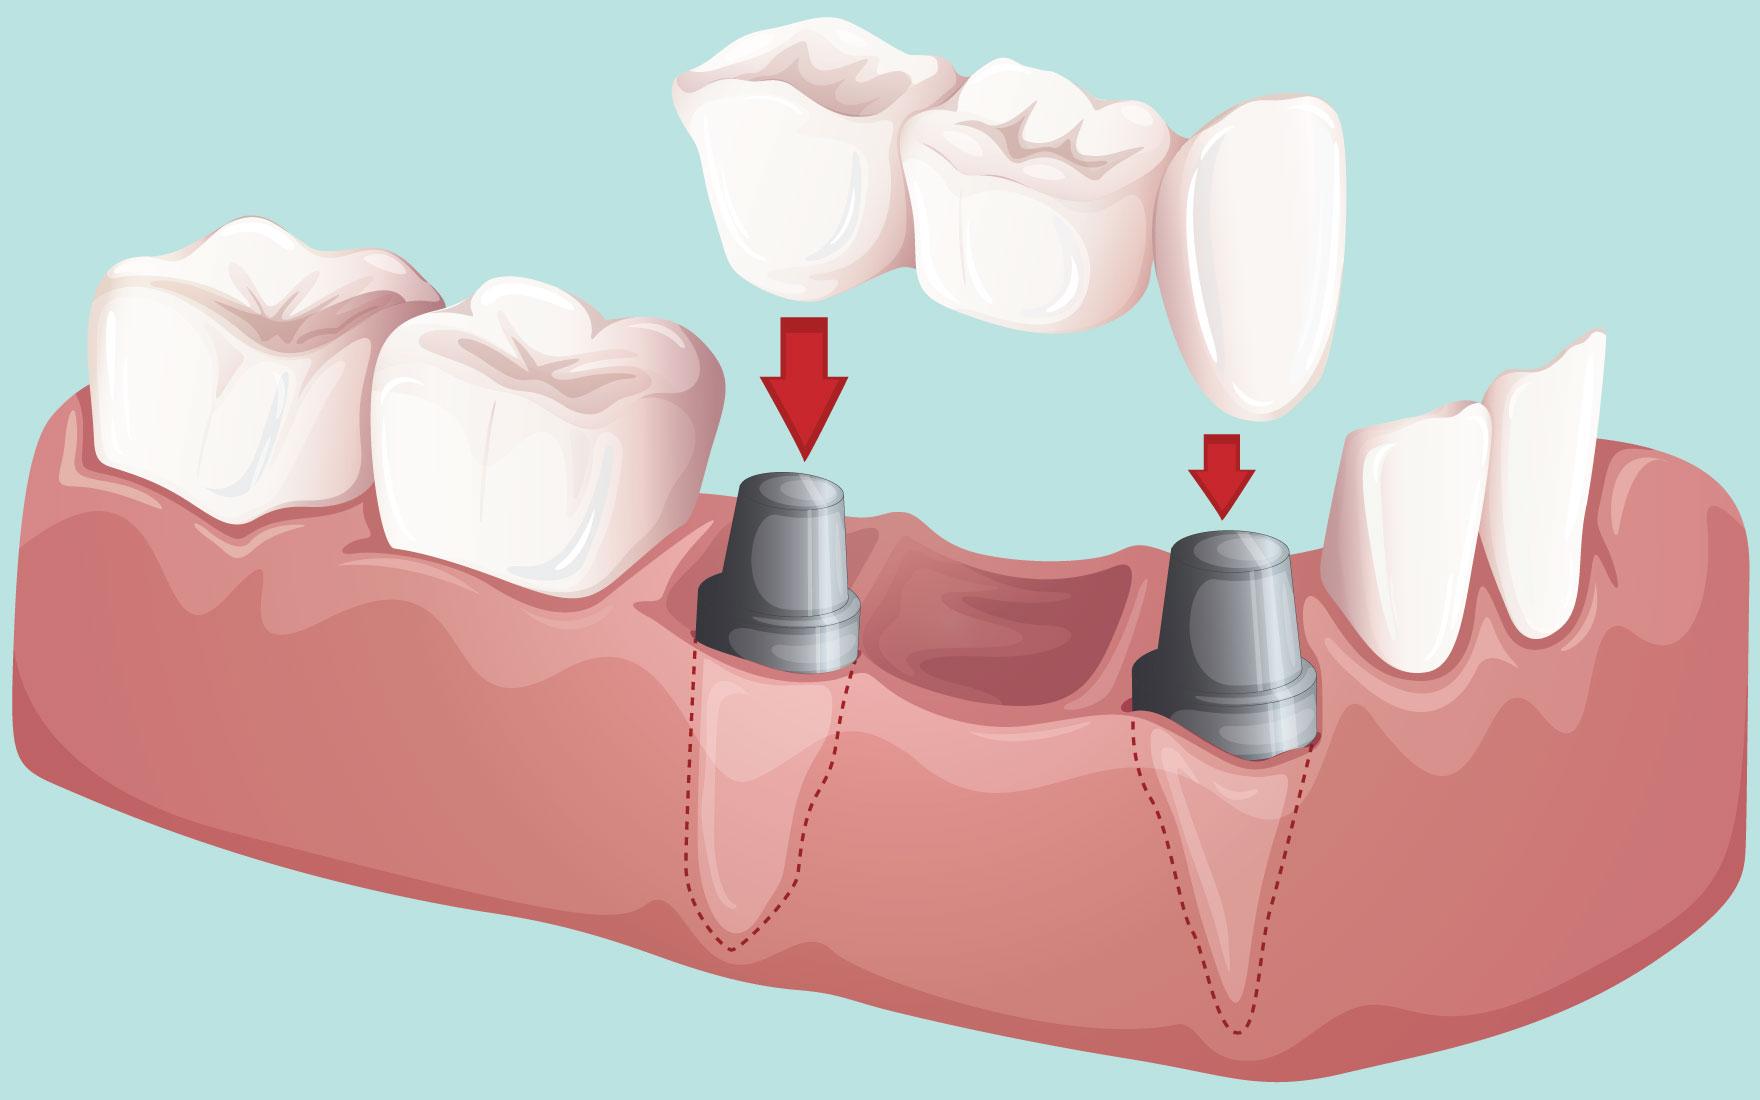 انواع بریج های دندان